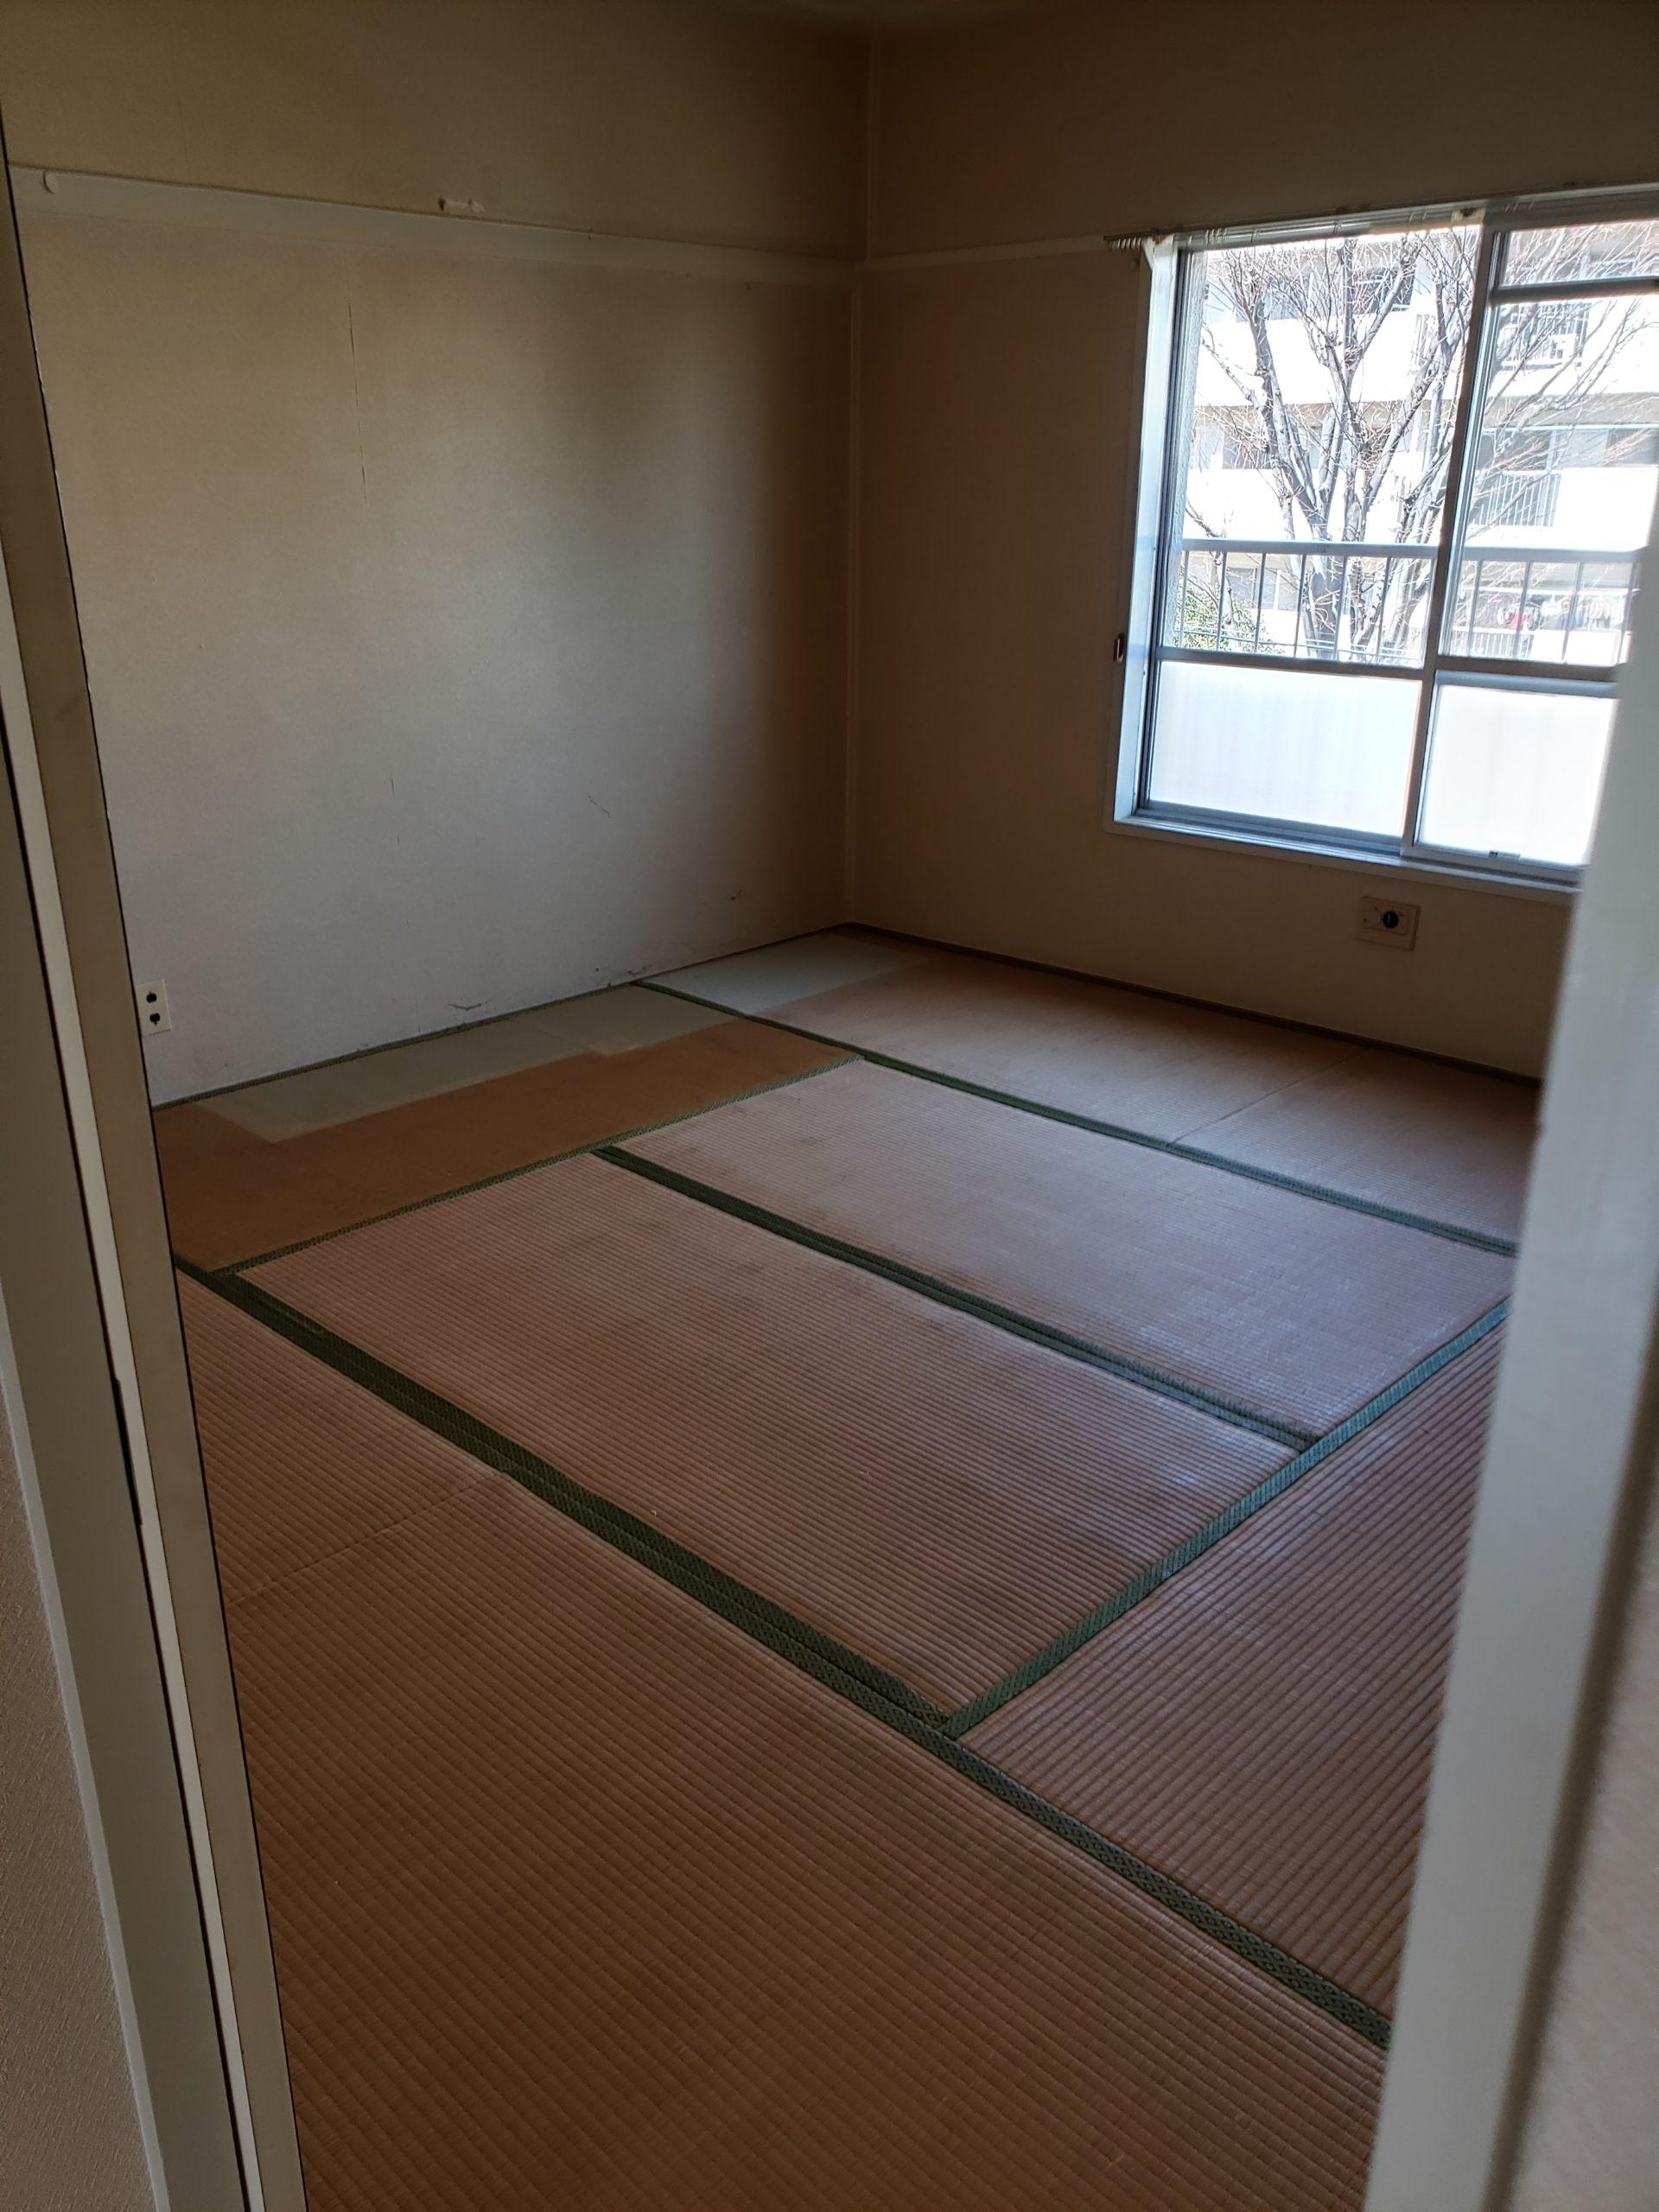 埼玉県所沢市 団地階段3階の不用品回収